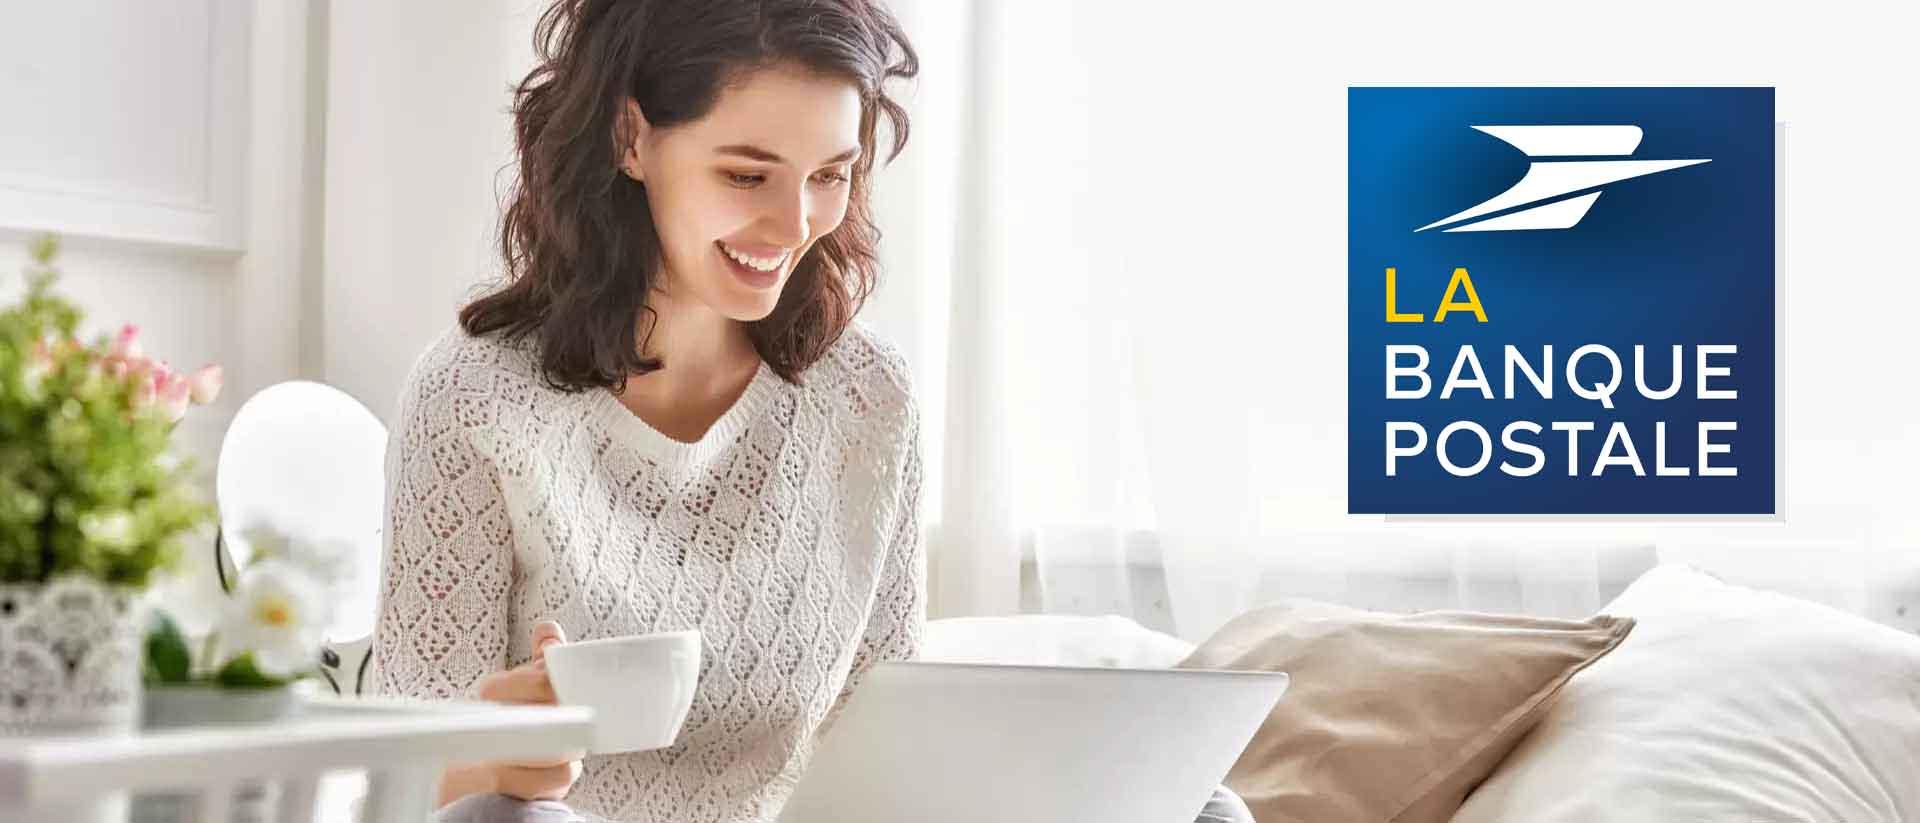 contacter service client Banque postale